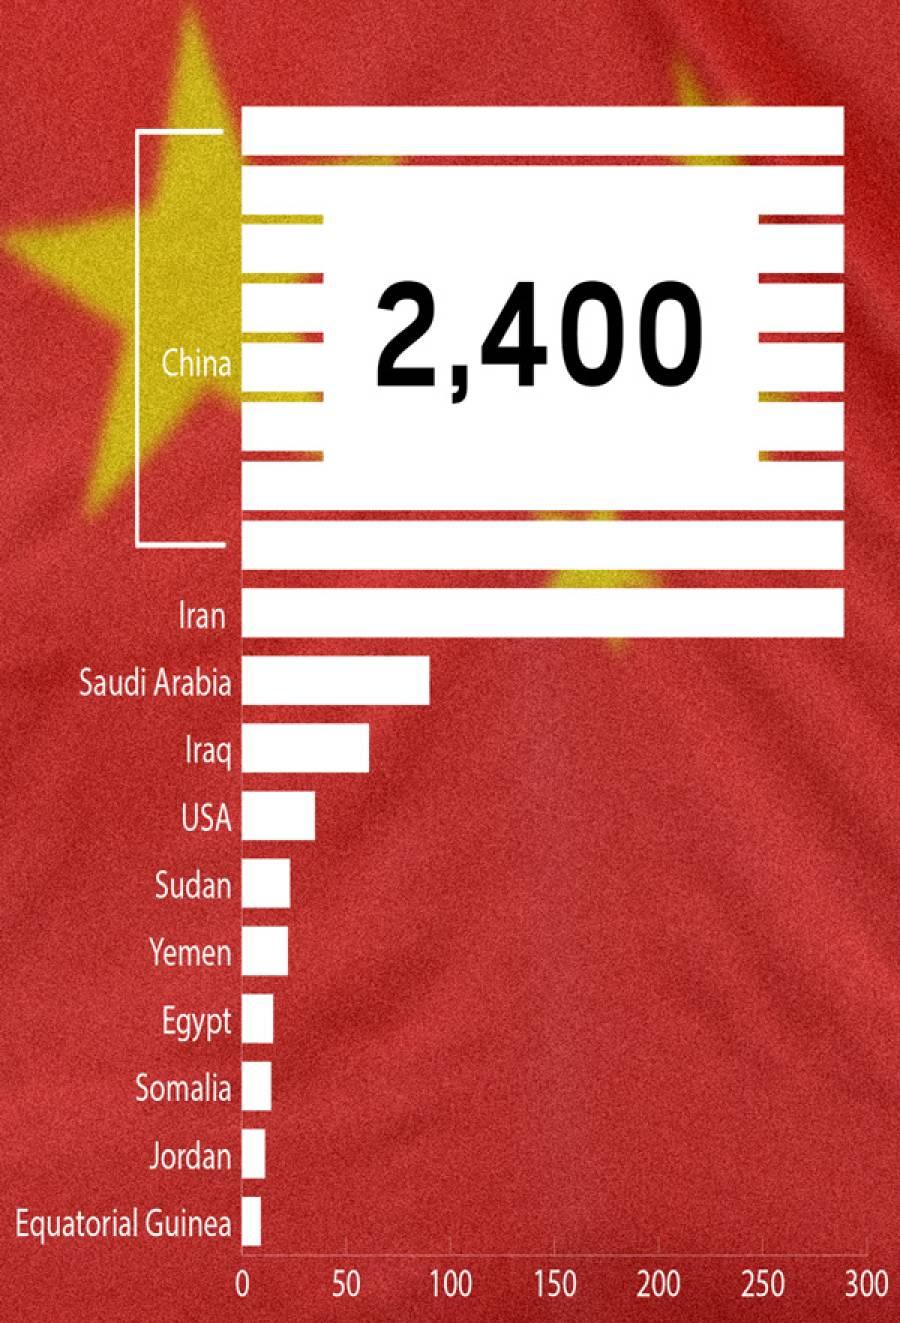 سب سے زیاد ہ پھانسیاں کس ملک میں دی جاتی ہیں ؟اعدادوشمار سامنے آ گئے